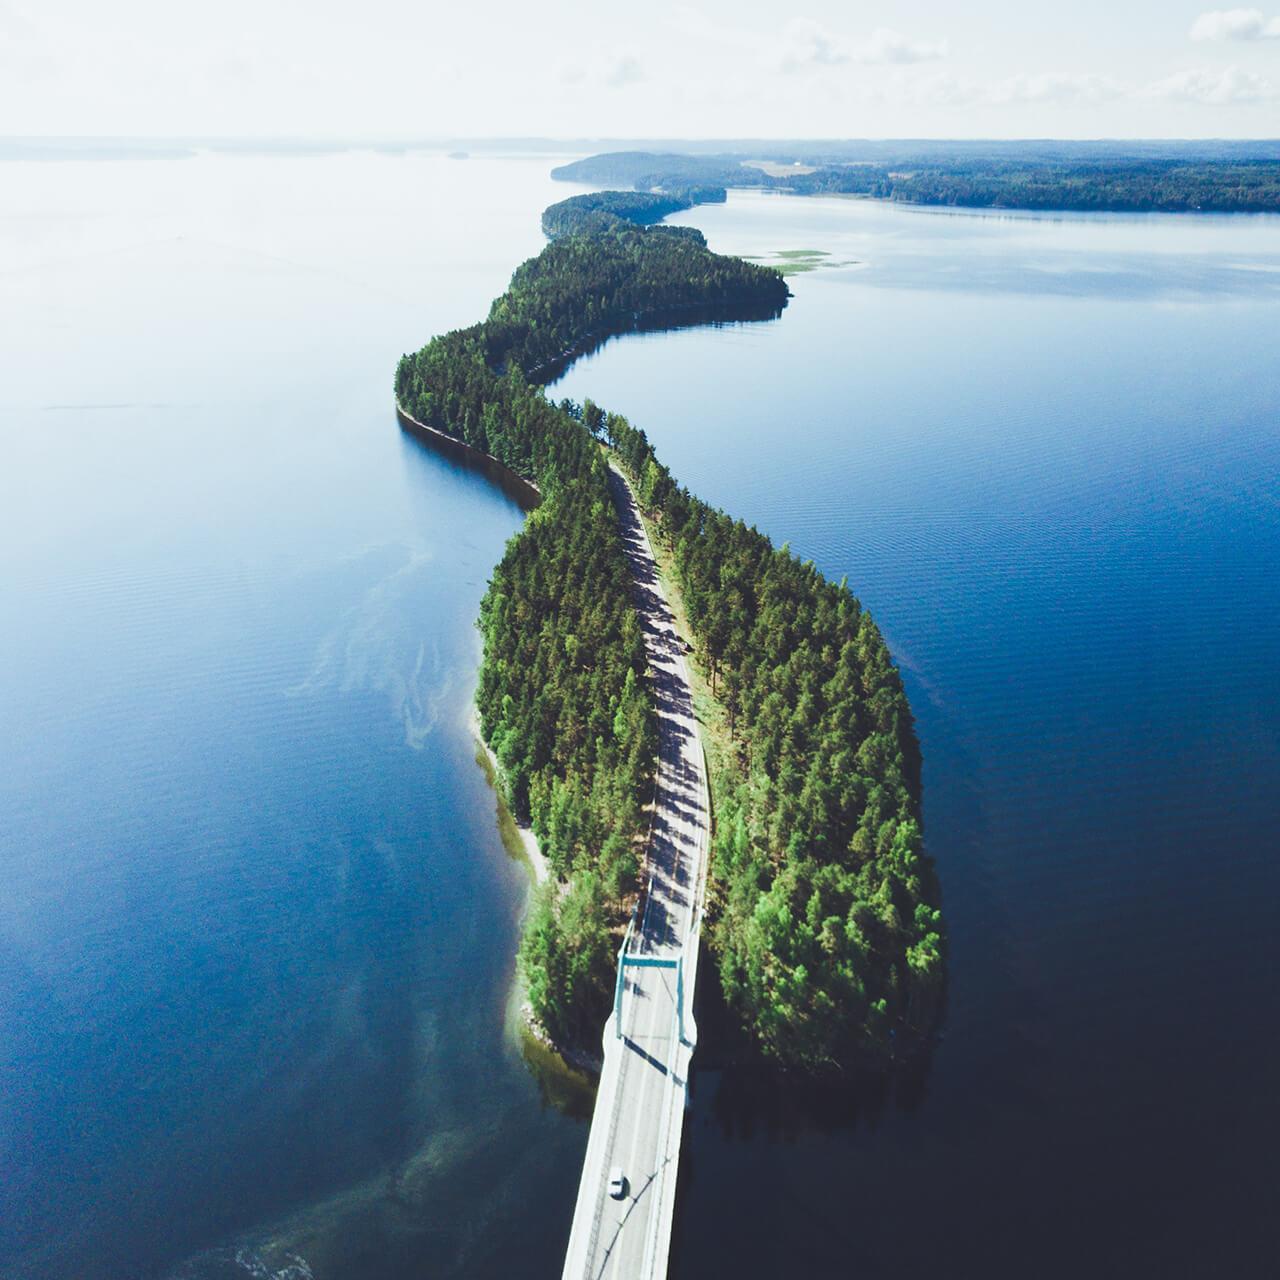 Lansas - Veden ympäröimä tie